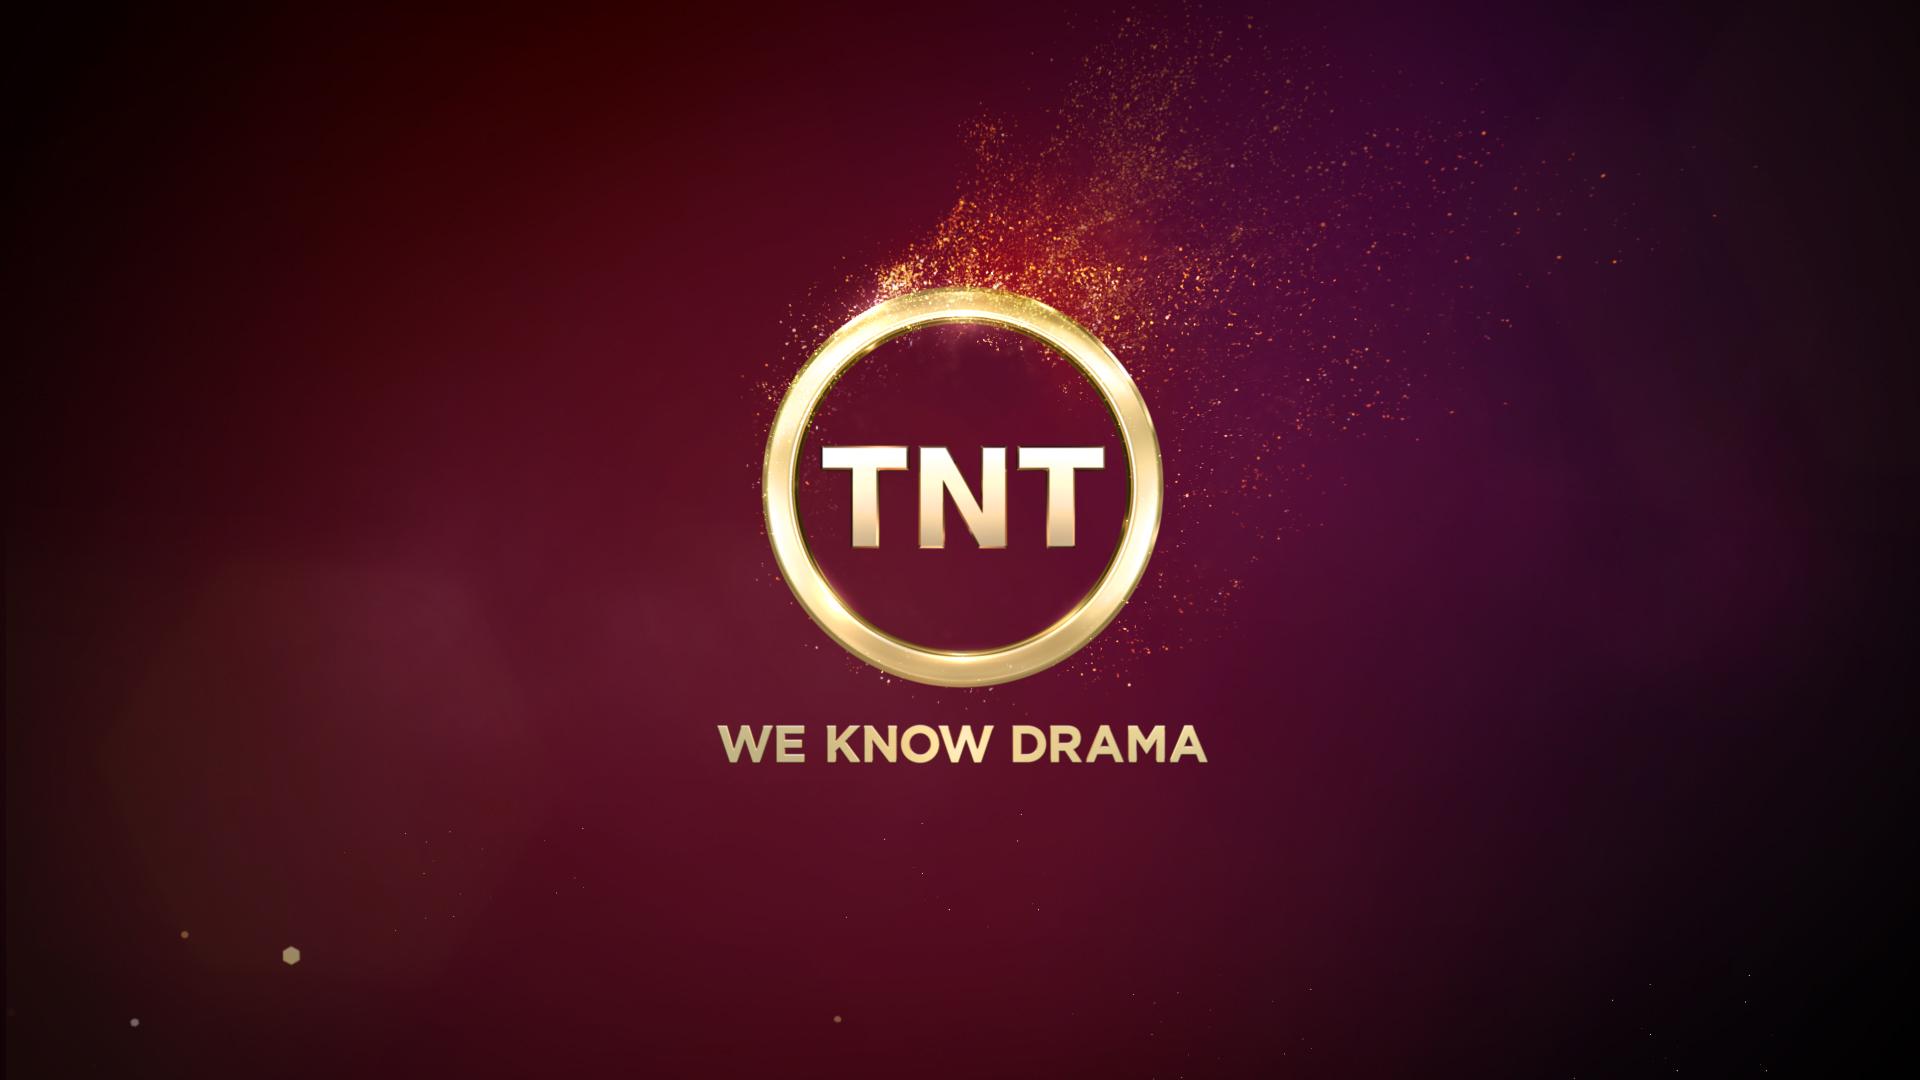 TNT – It's Dynamite!